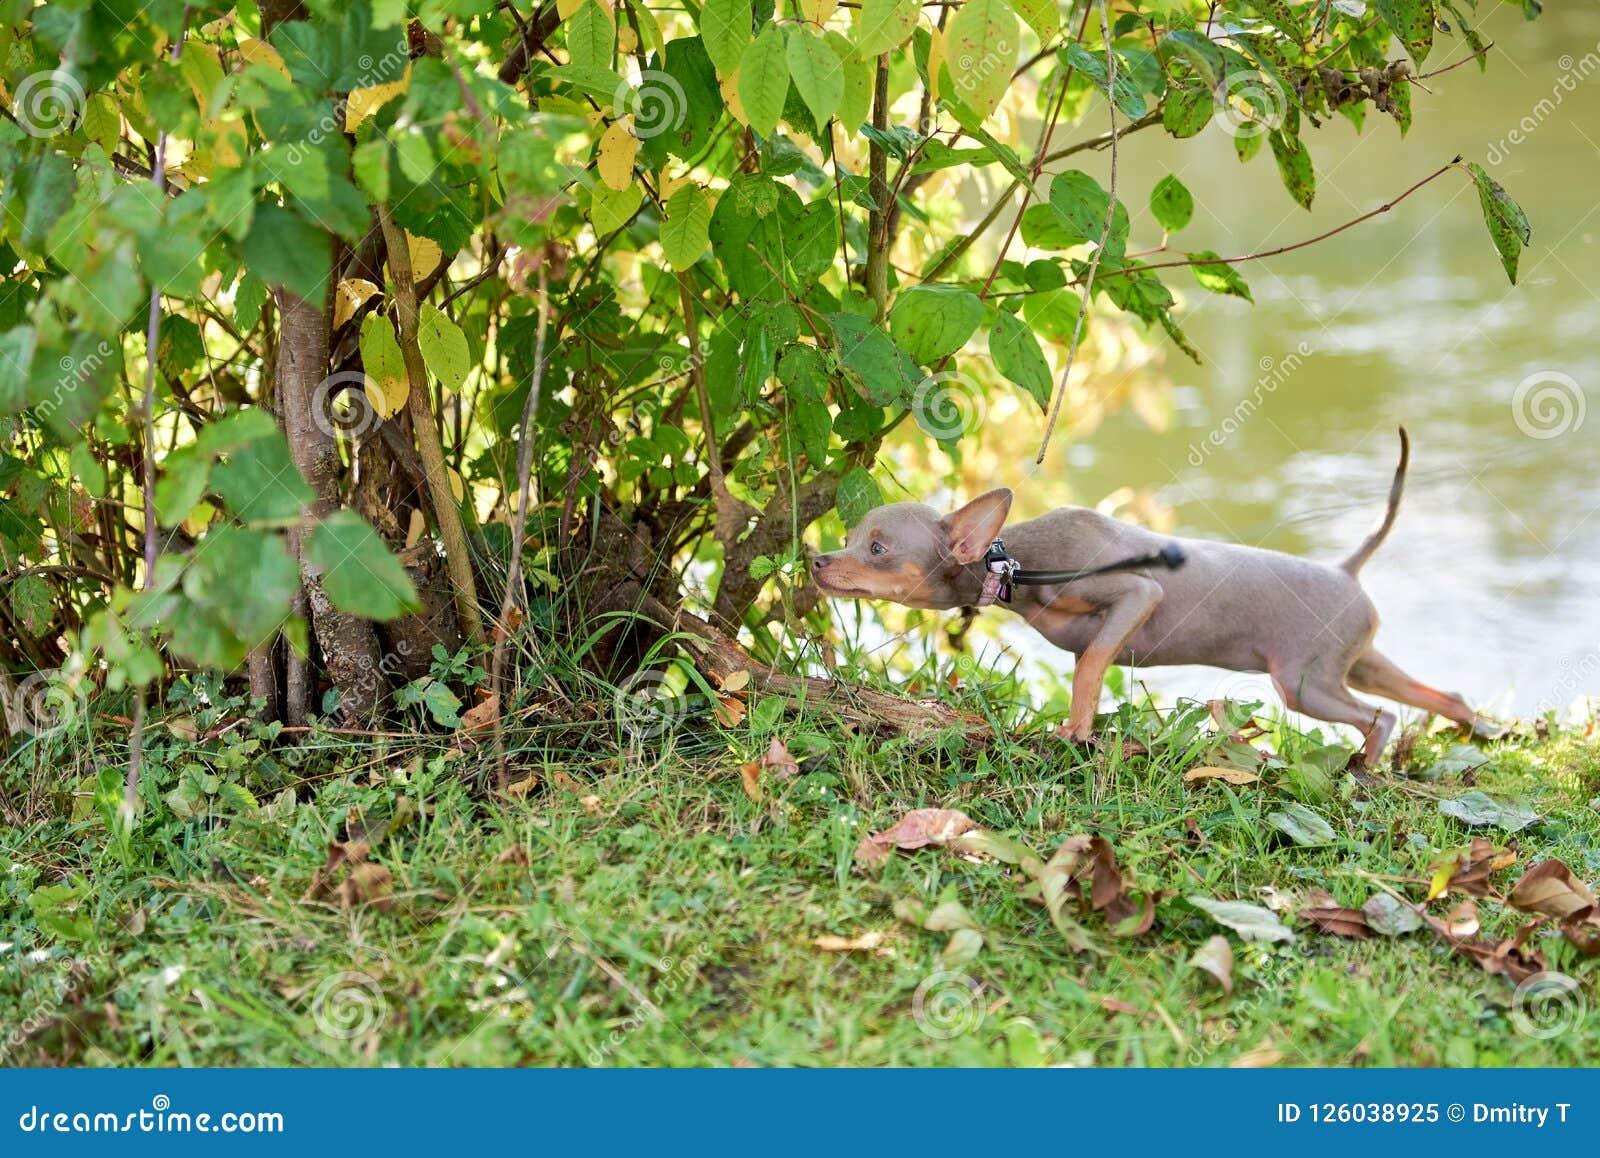 De hond snuift en neemt in de struiken heimelijk Russisch Toy Terrier, Russkiy-Stuk speelgoed